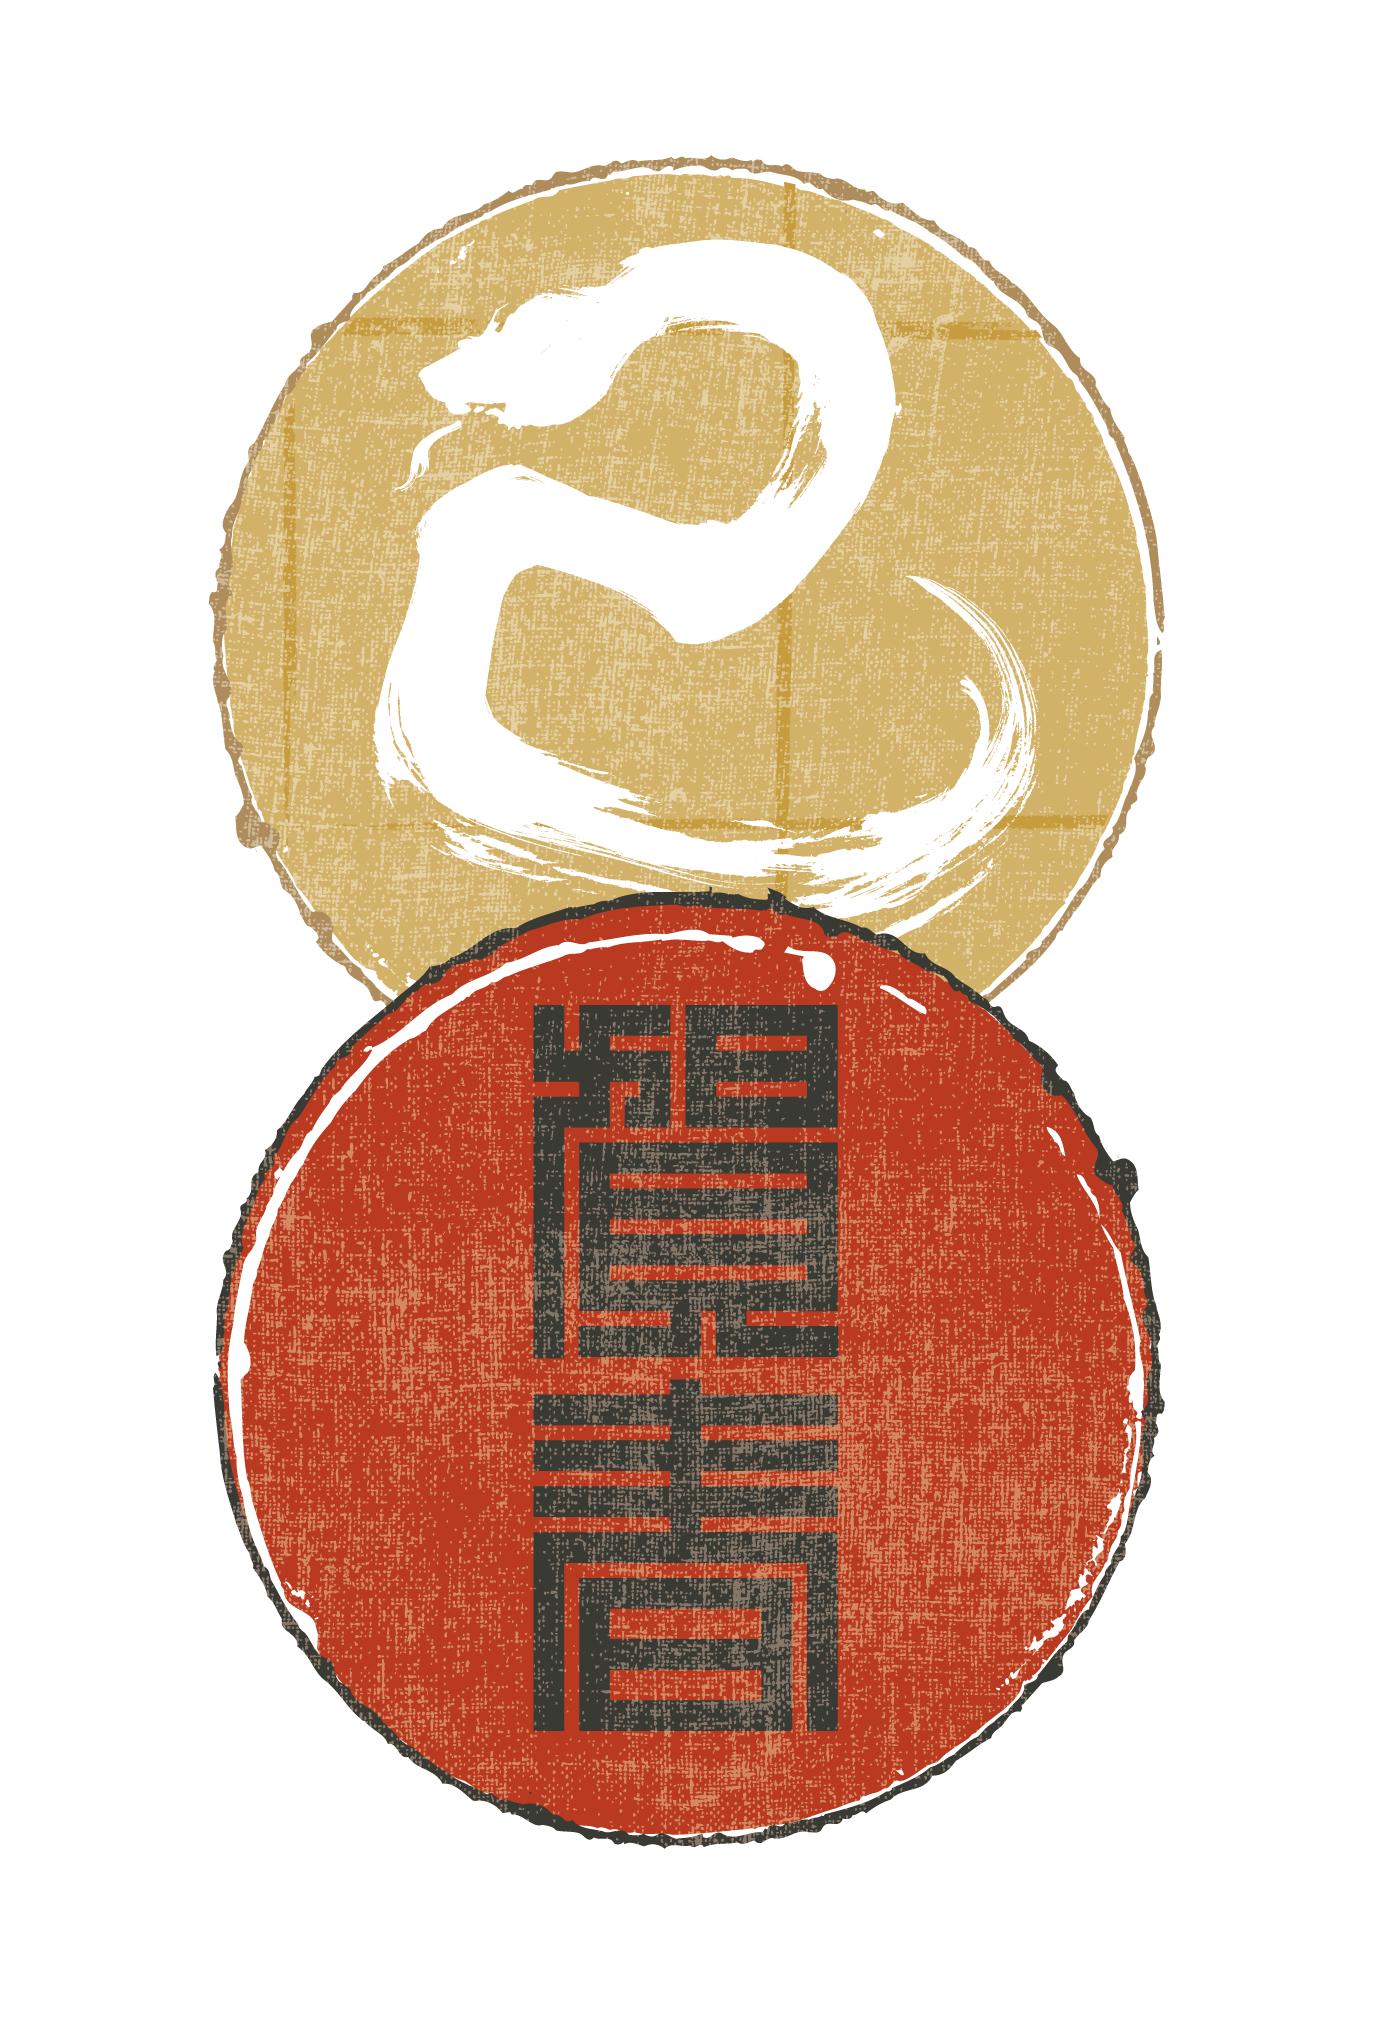 2013年賀状19-2:巳 Calligraphy(賀春)/ 2のダウンロード画像